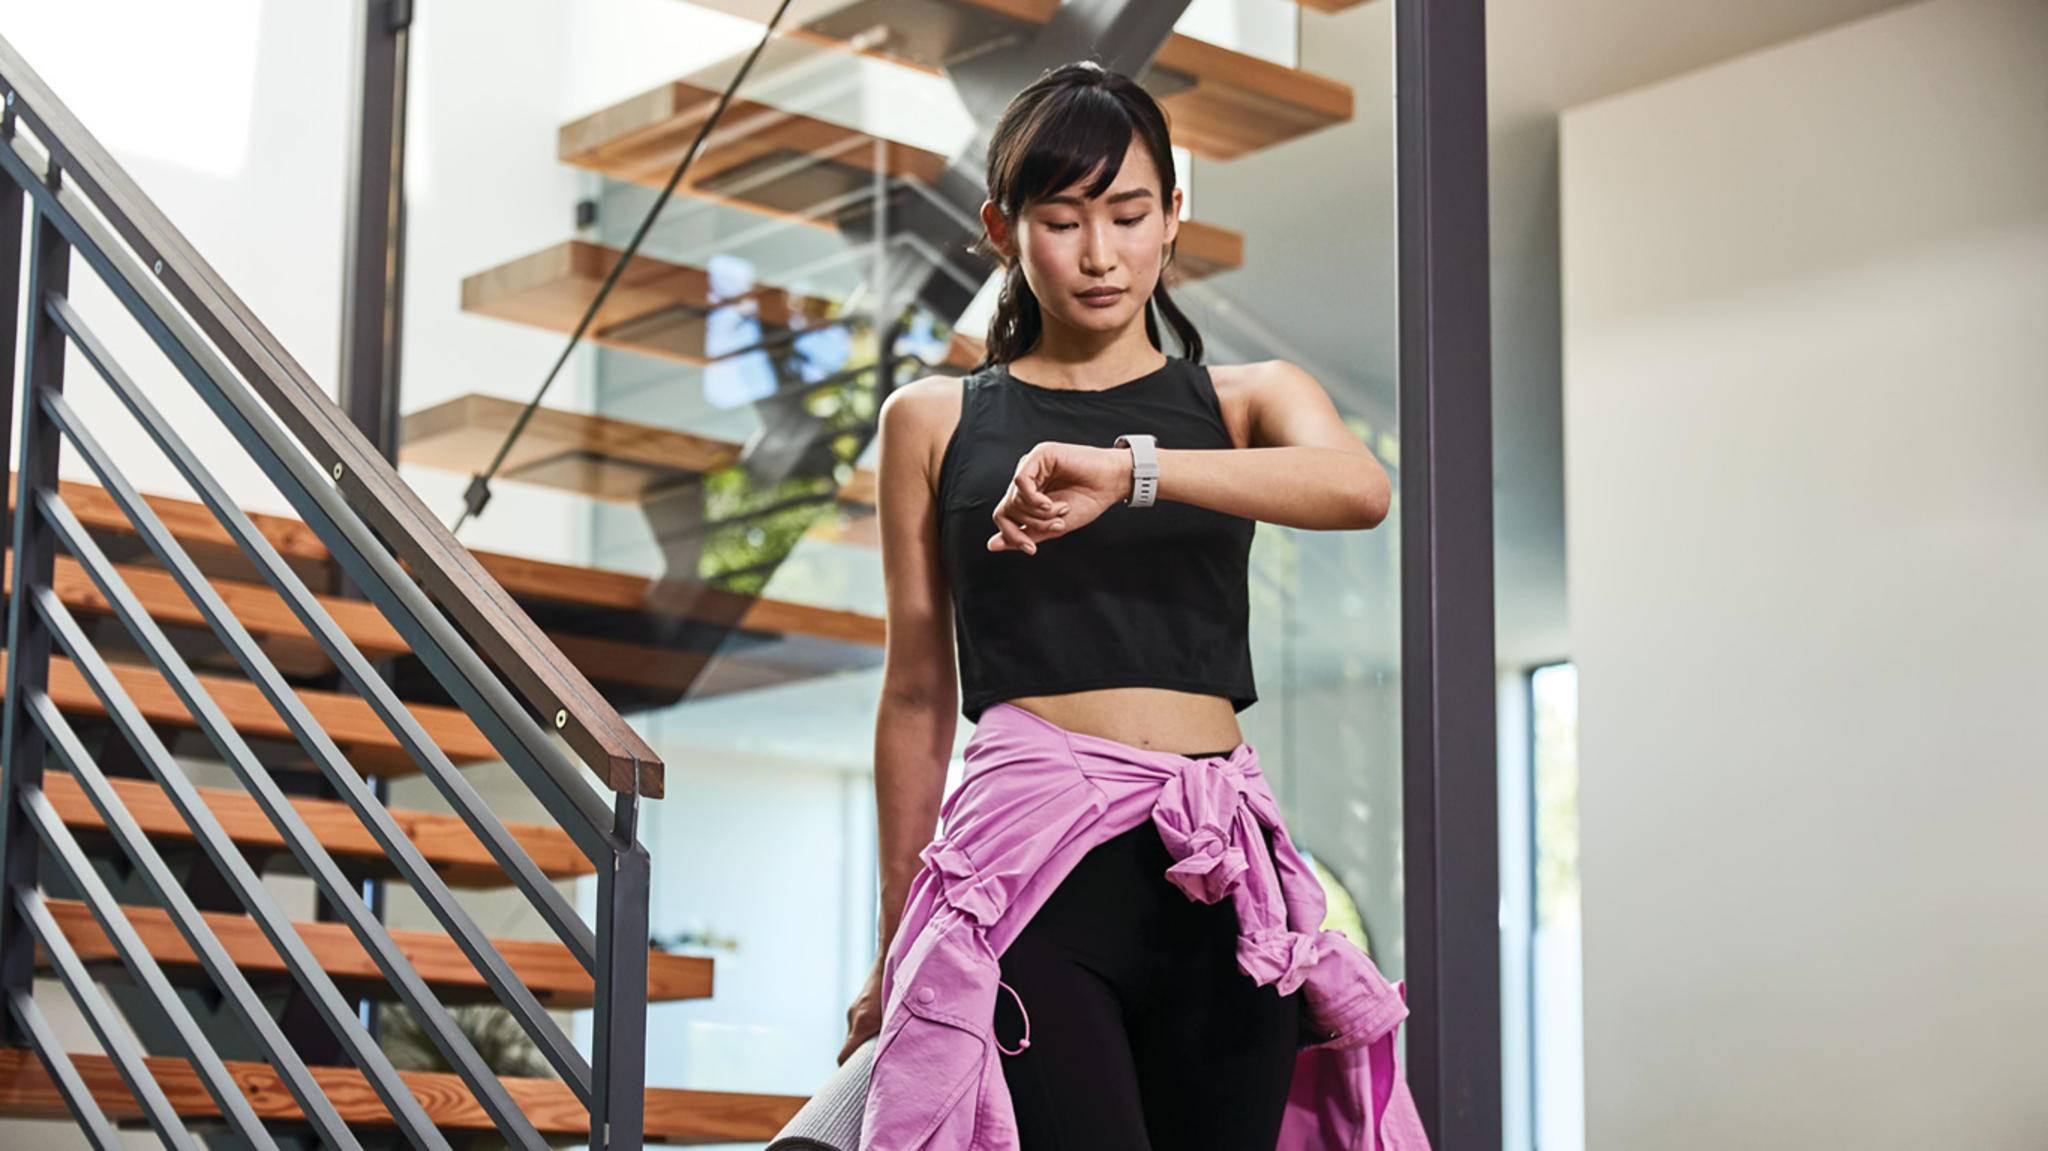 Studie beweist: Fitness-Tracker motivieren zu mehr Bewegung